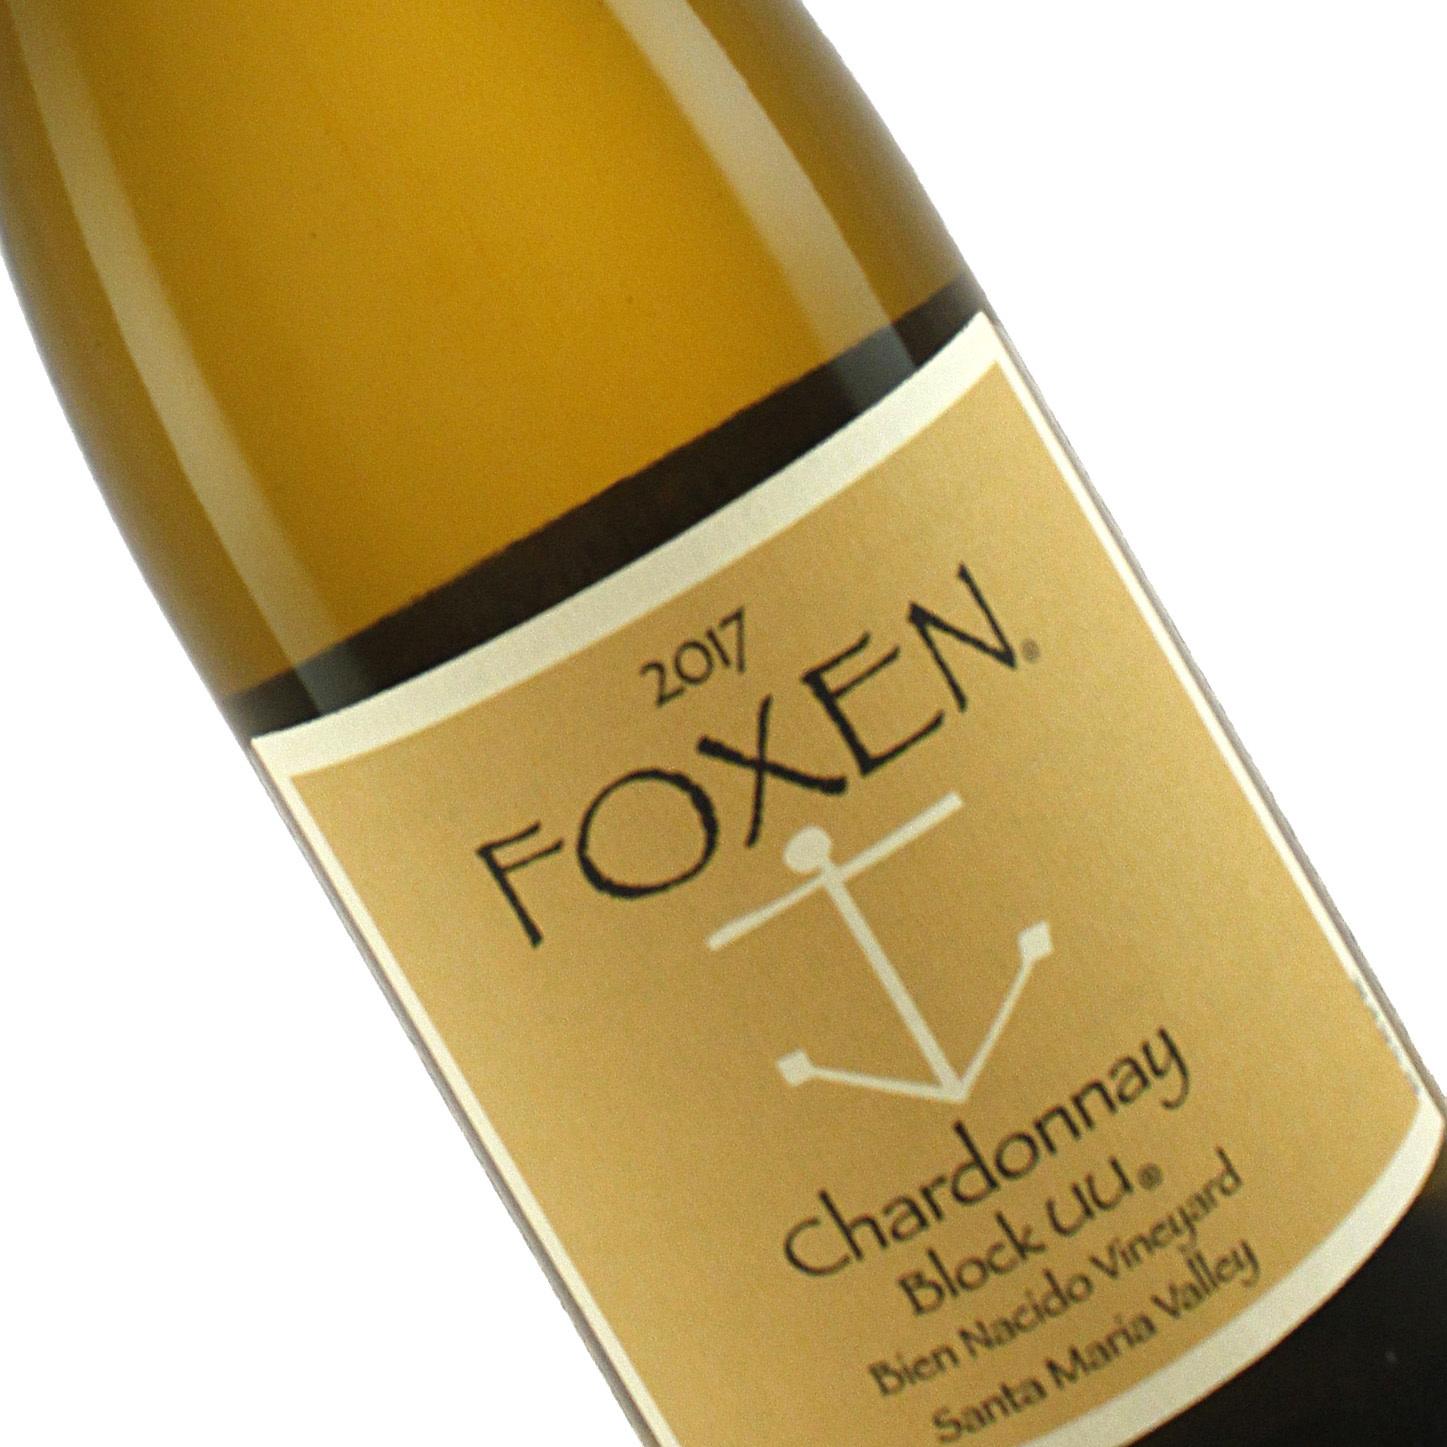 Foxen 2017 Chardonnay Block UU Bien Nacido Vineyard, Santa Maria Valley